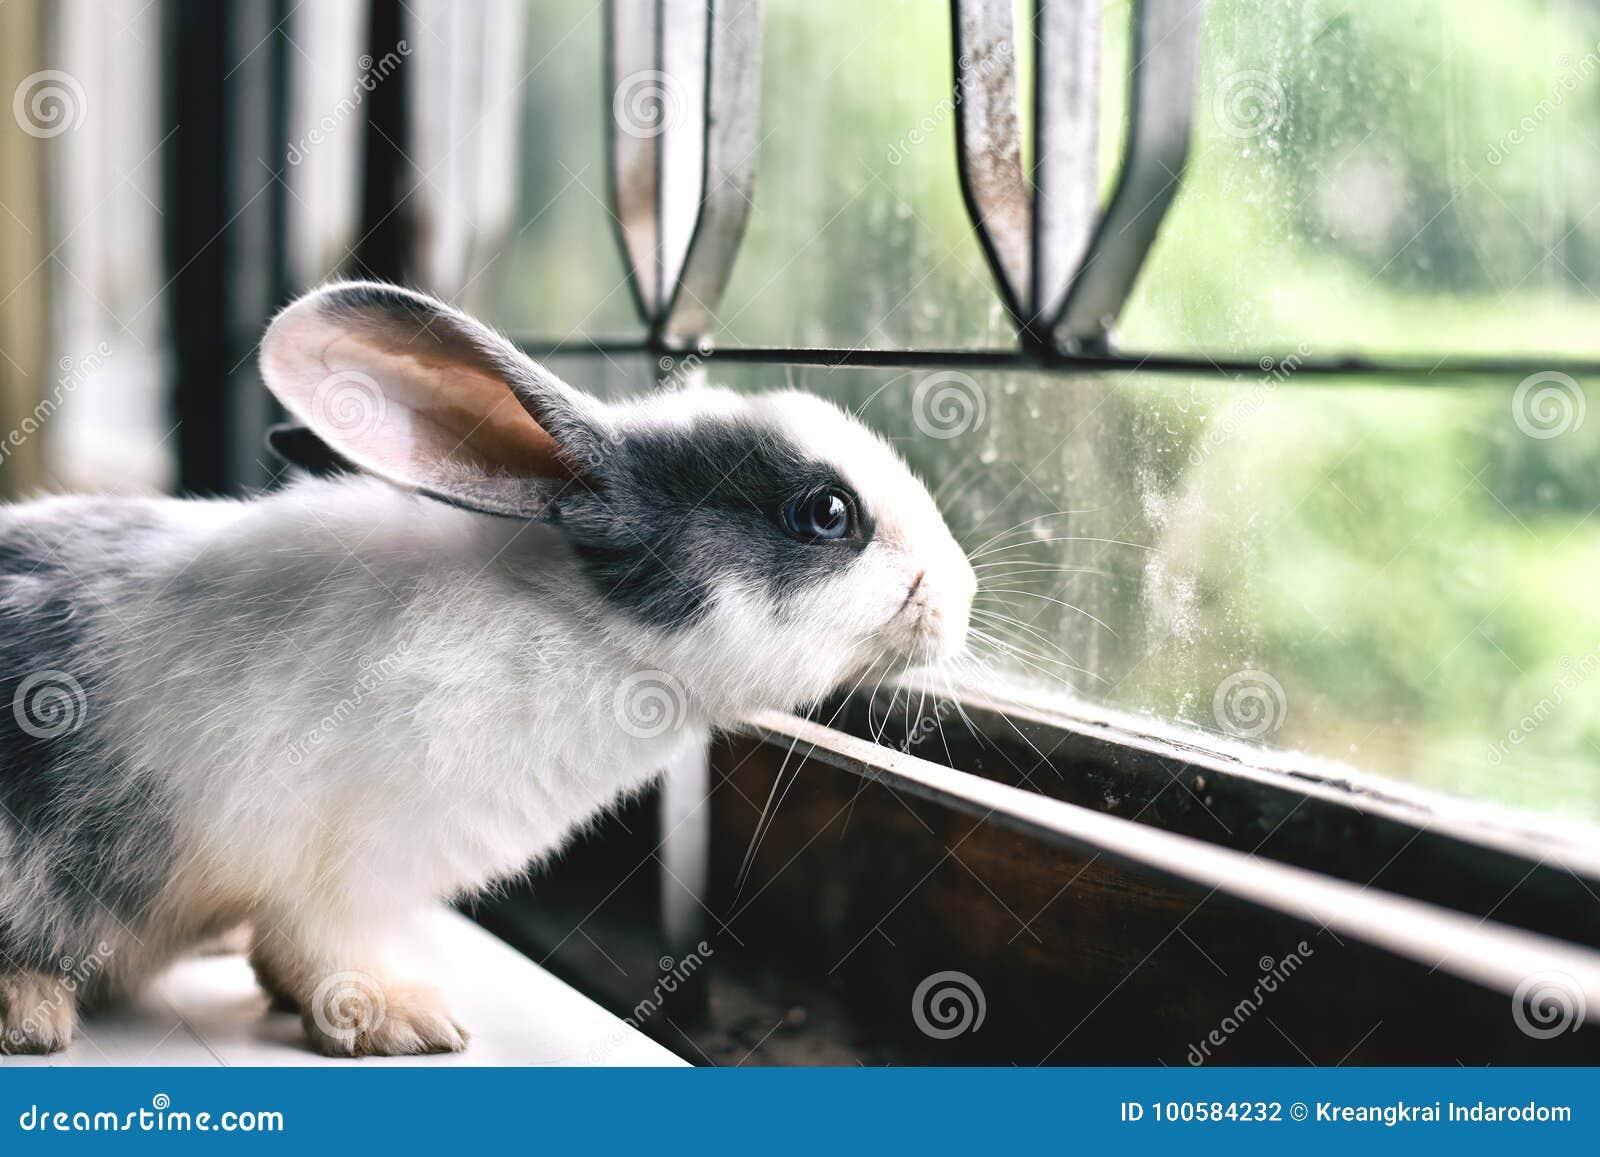 Lapin blanc regardant par la fenêtre, petit lapin curieux observant la fenêtre dans le jour ensoleillé